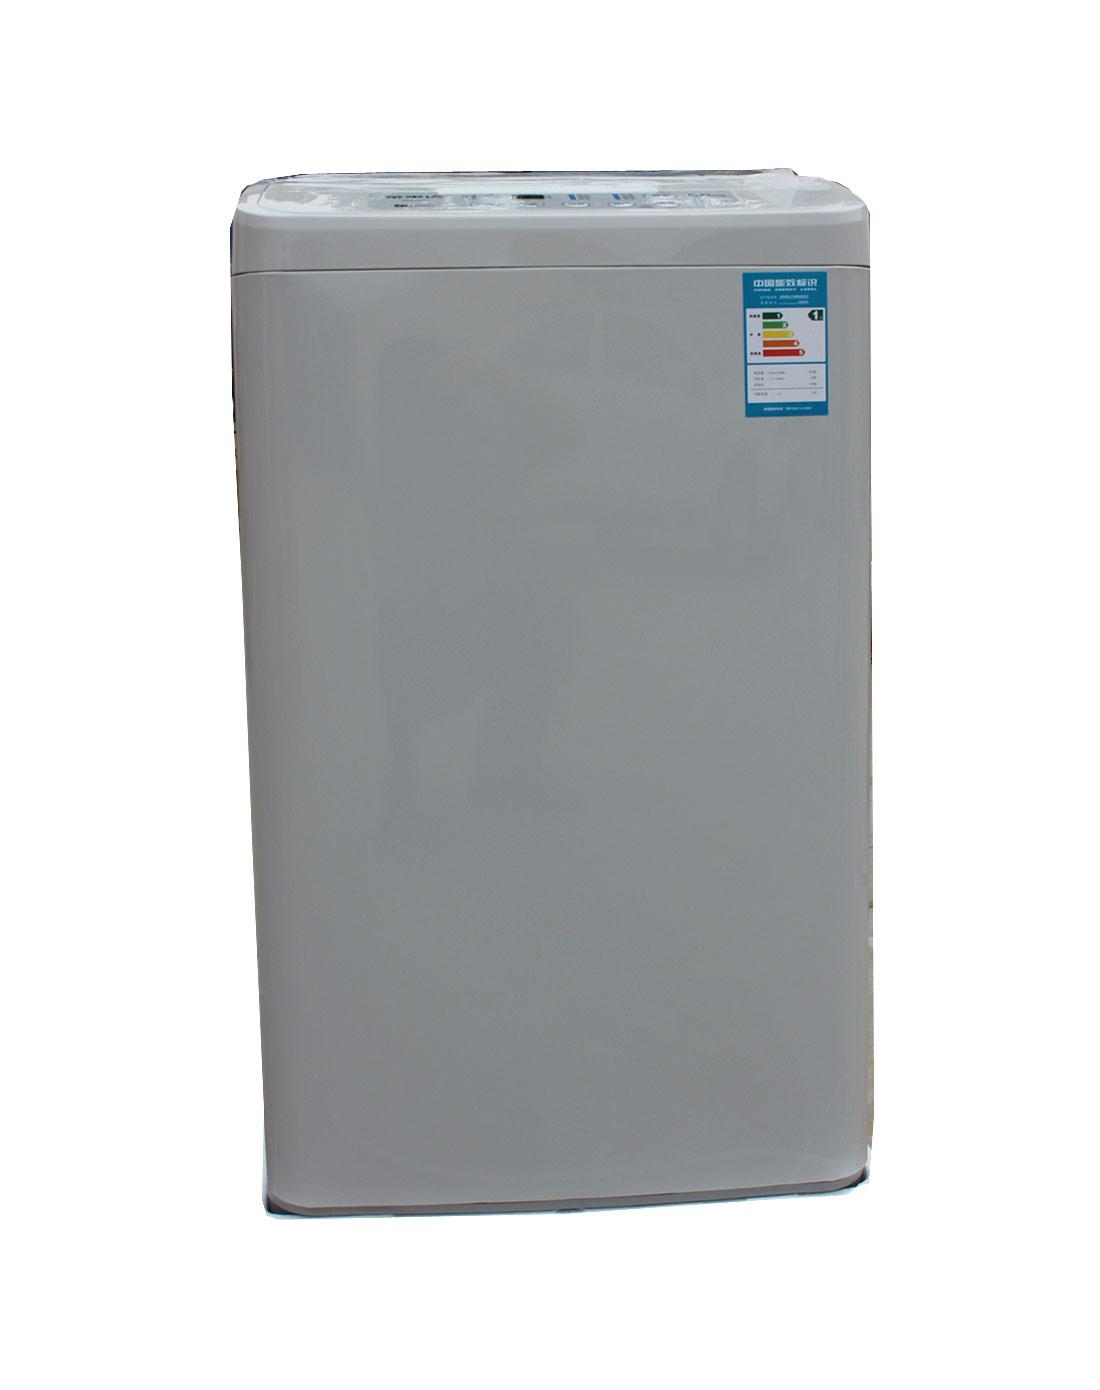 荣事达全自动洗衣机接线图